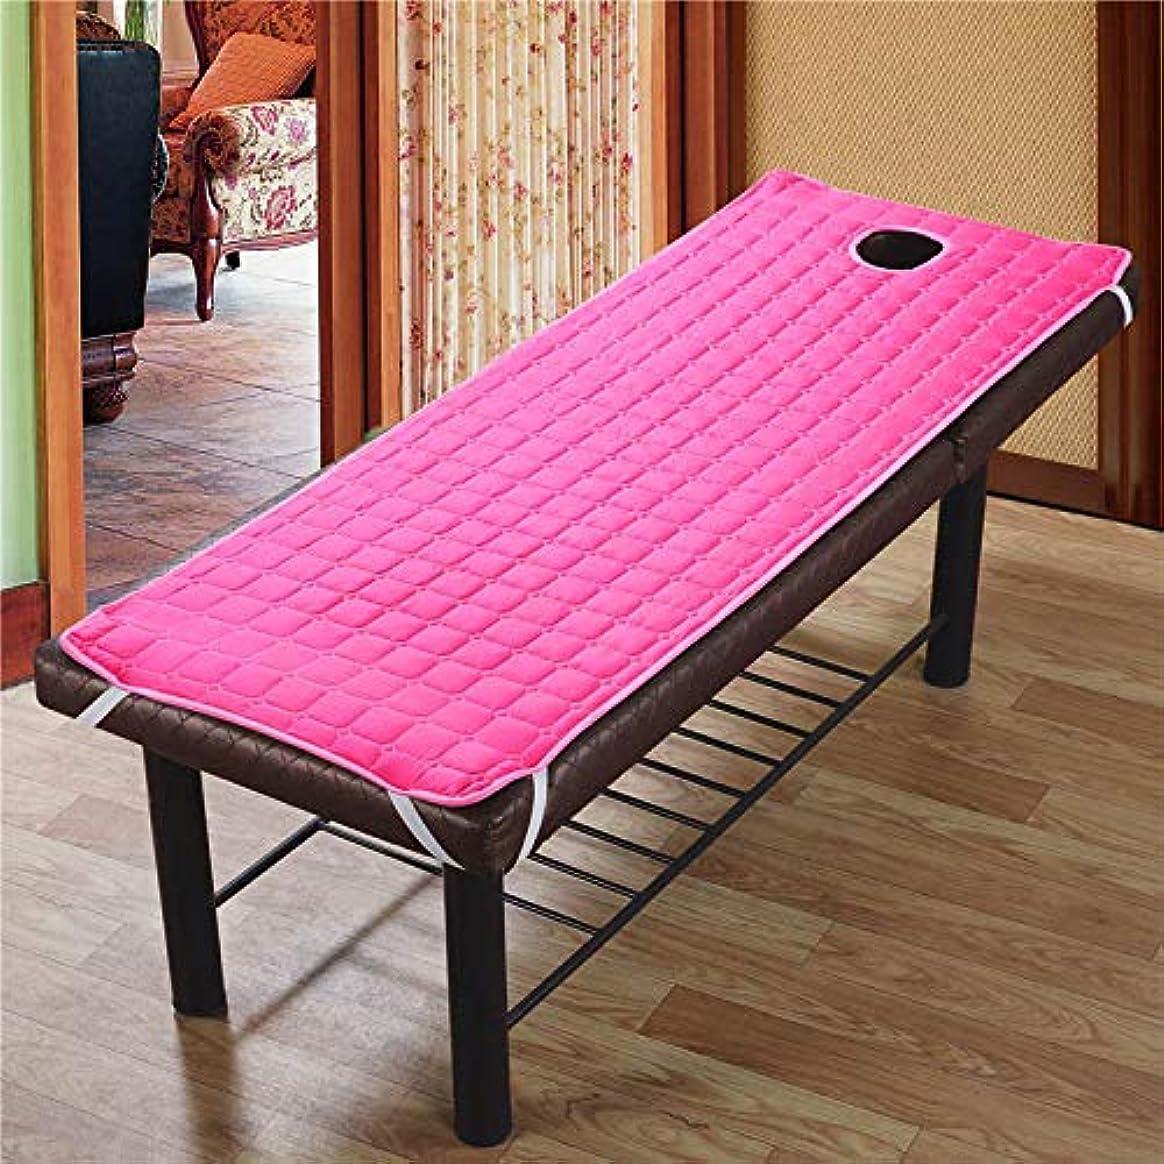 懐疑論維持する敗北Aylincool 美容院のマッサージ療法のベッドのための滑り止めのSoliod色の長方形のマットレス